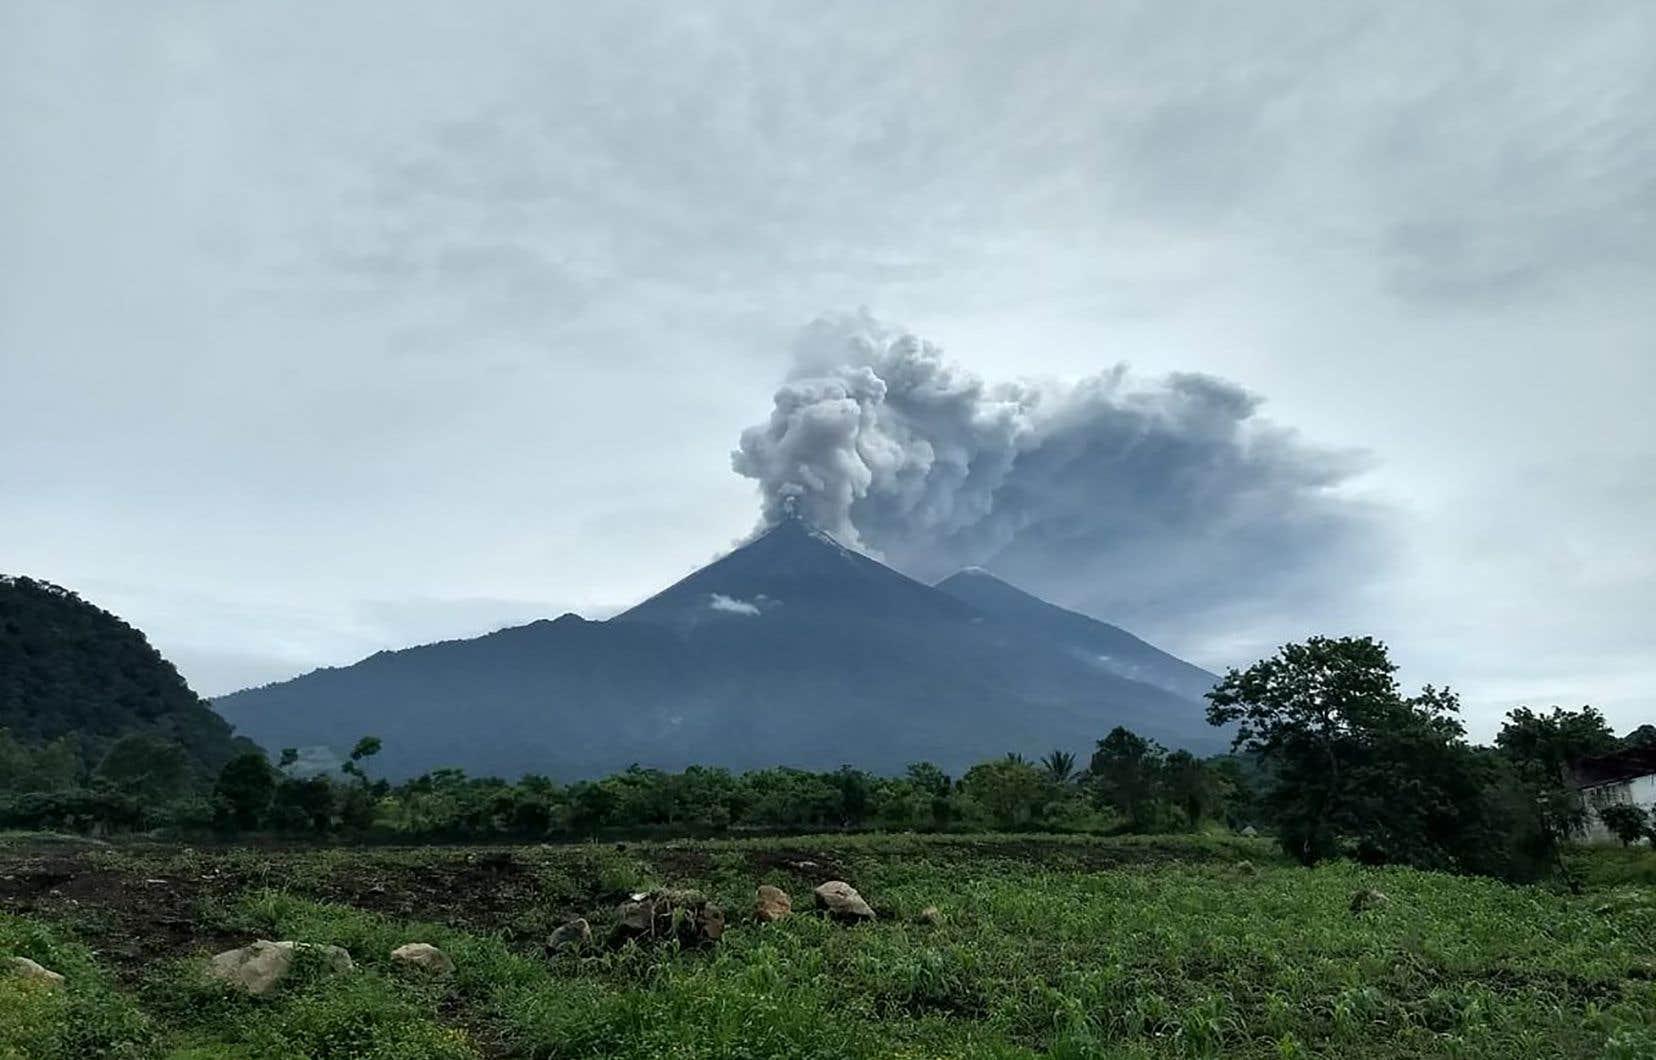 L'éruption du volcan de Fuego a entraîné l'évacuation de 3000 personnes et la fermeture de l'aéroport international de Guatemala.